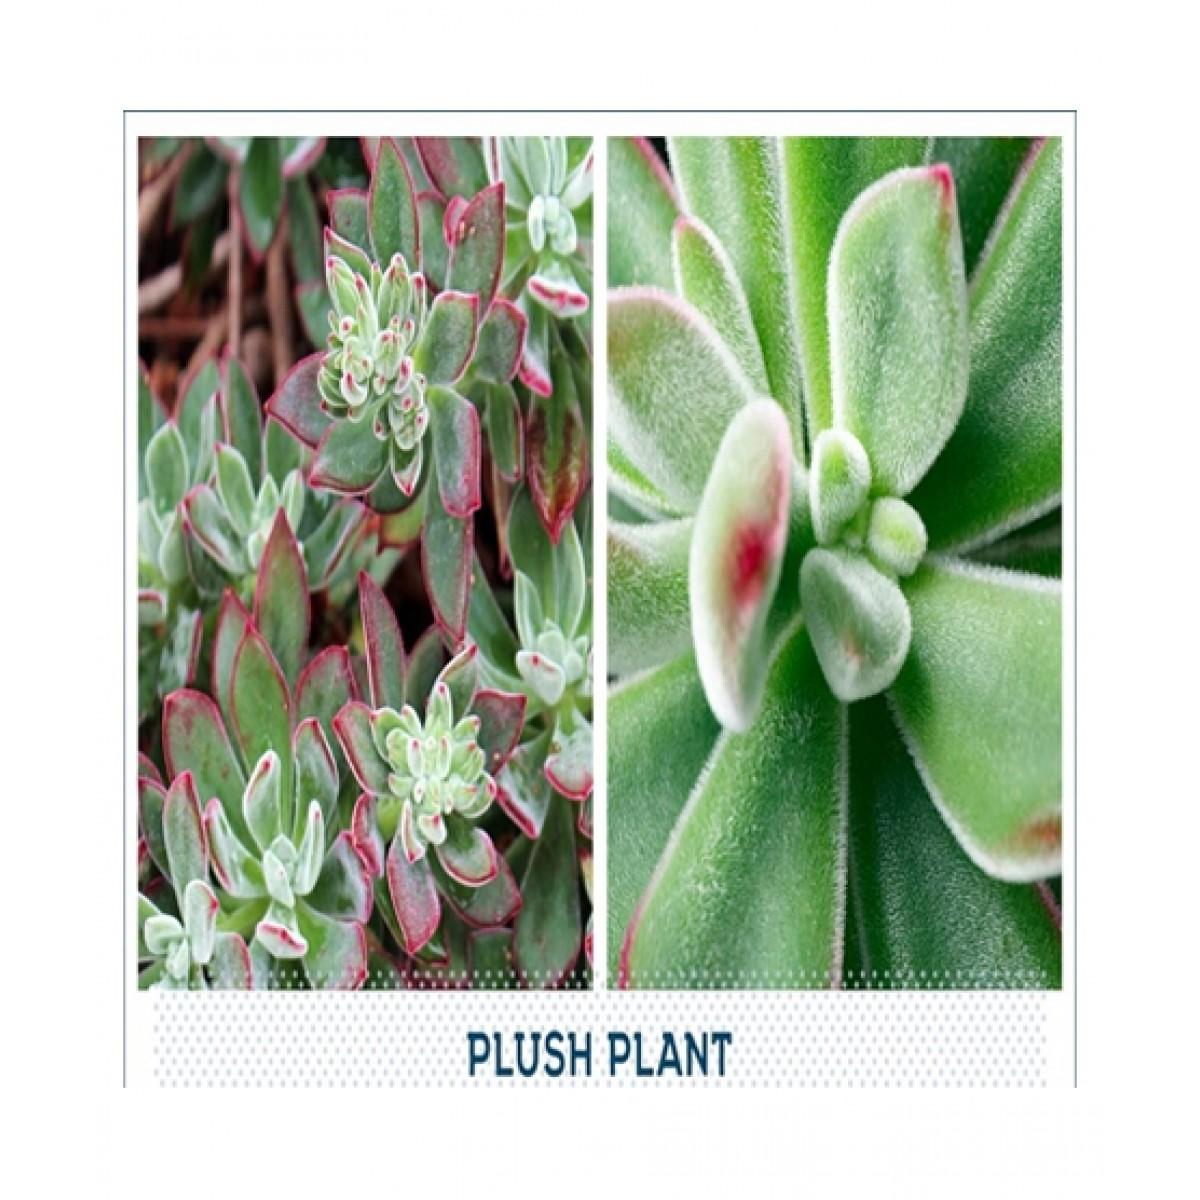 Husmah Plush Plant Succulent Seeds Price In Pakistan Buy Husmah Plush Plant Succulent Seeds Ishopping Pk